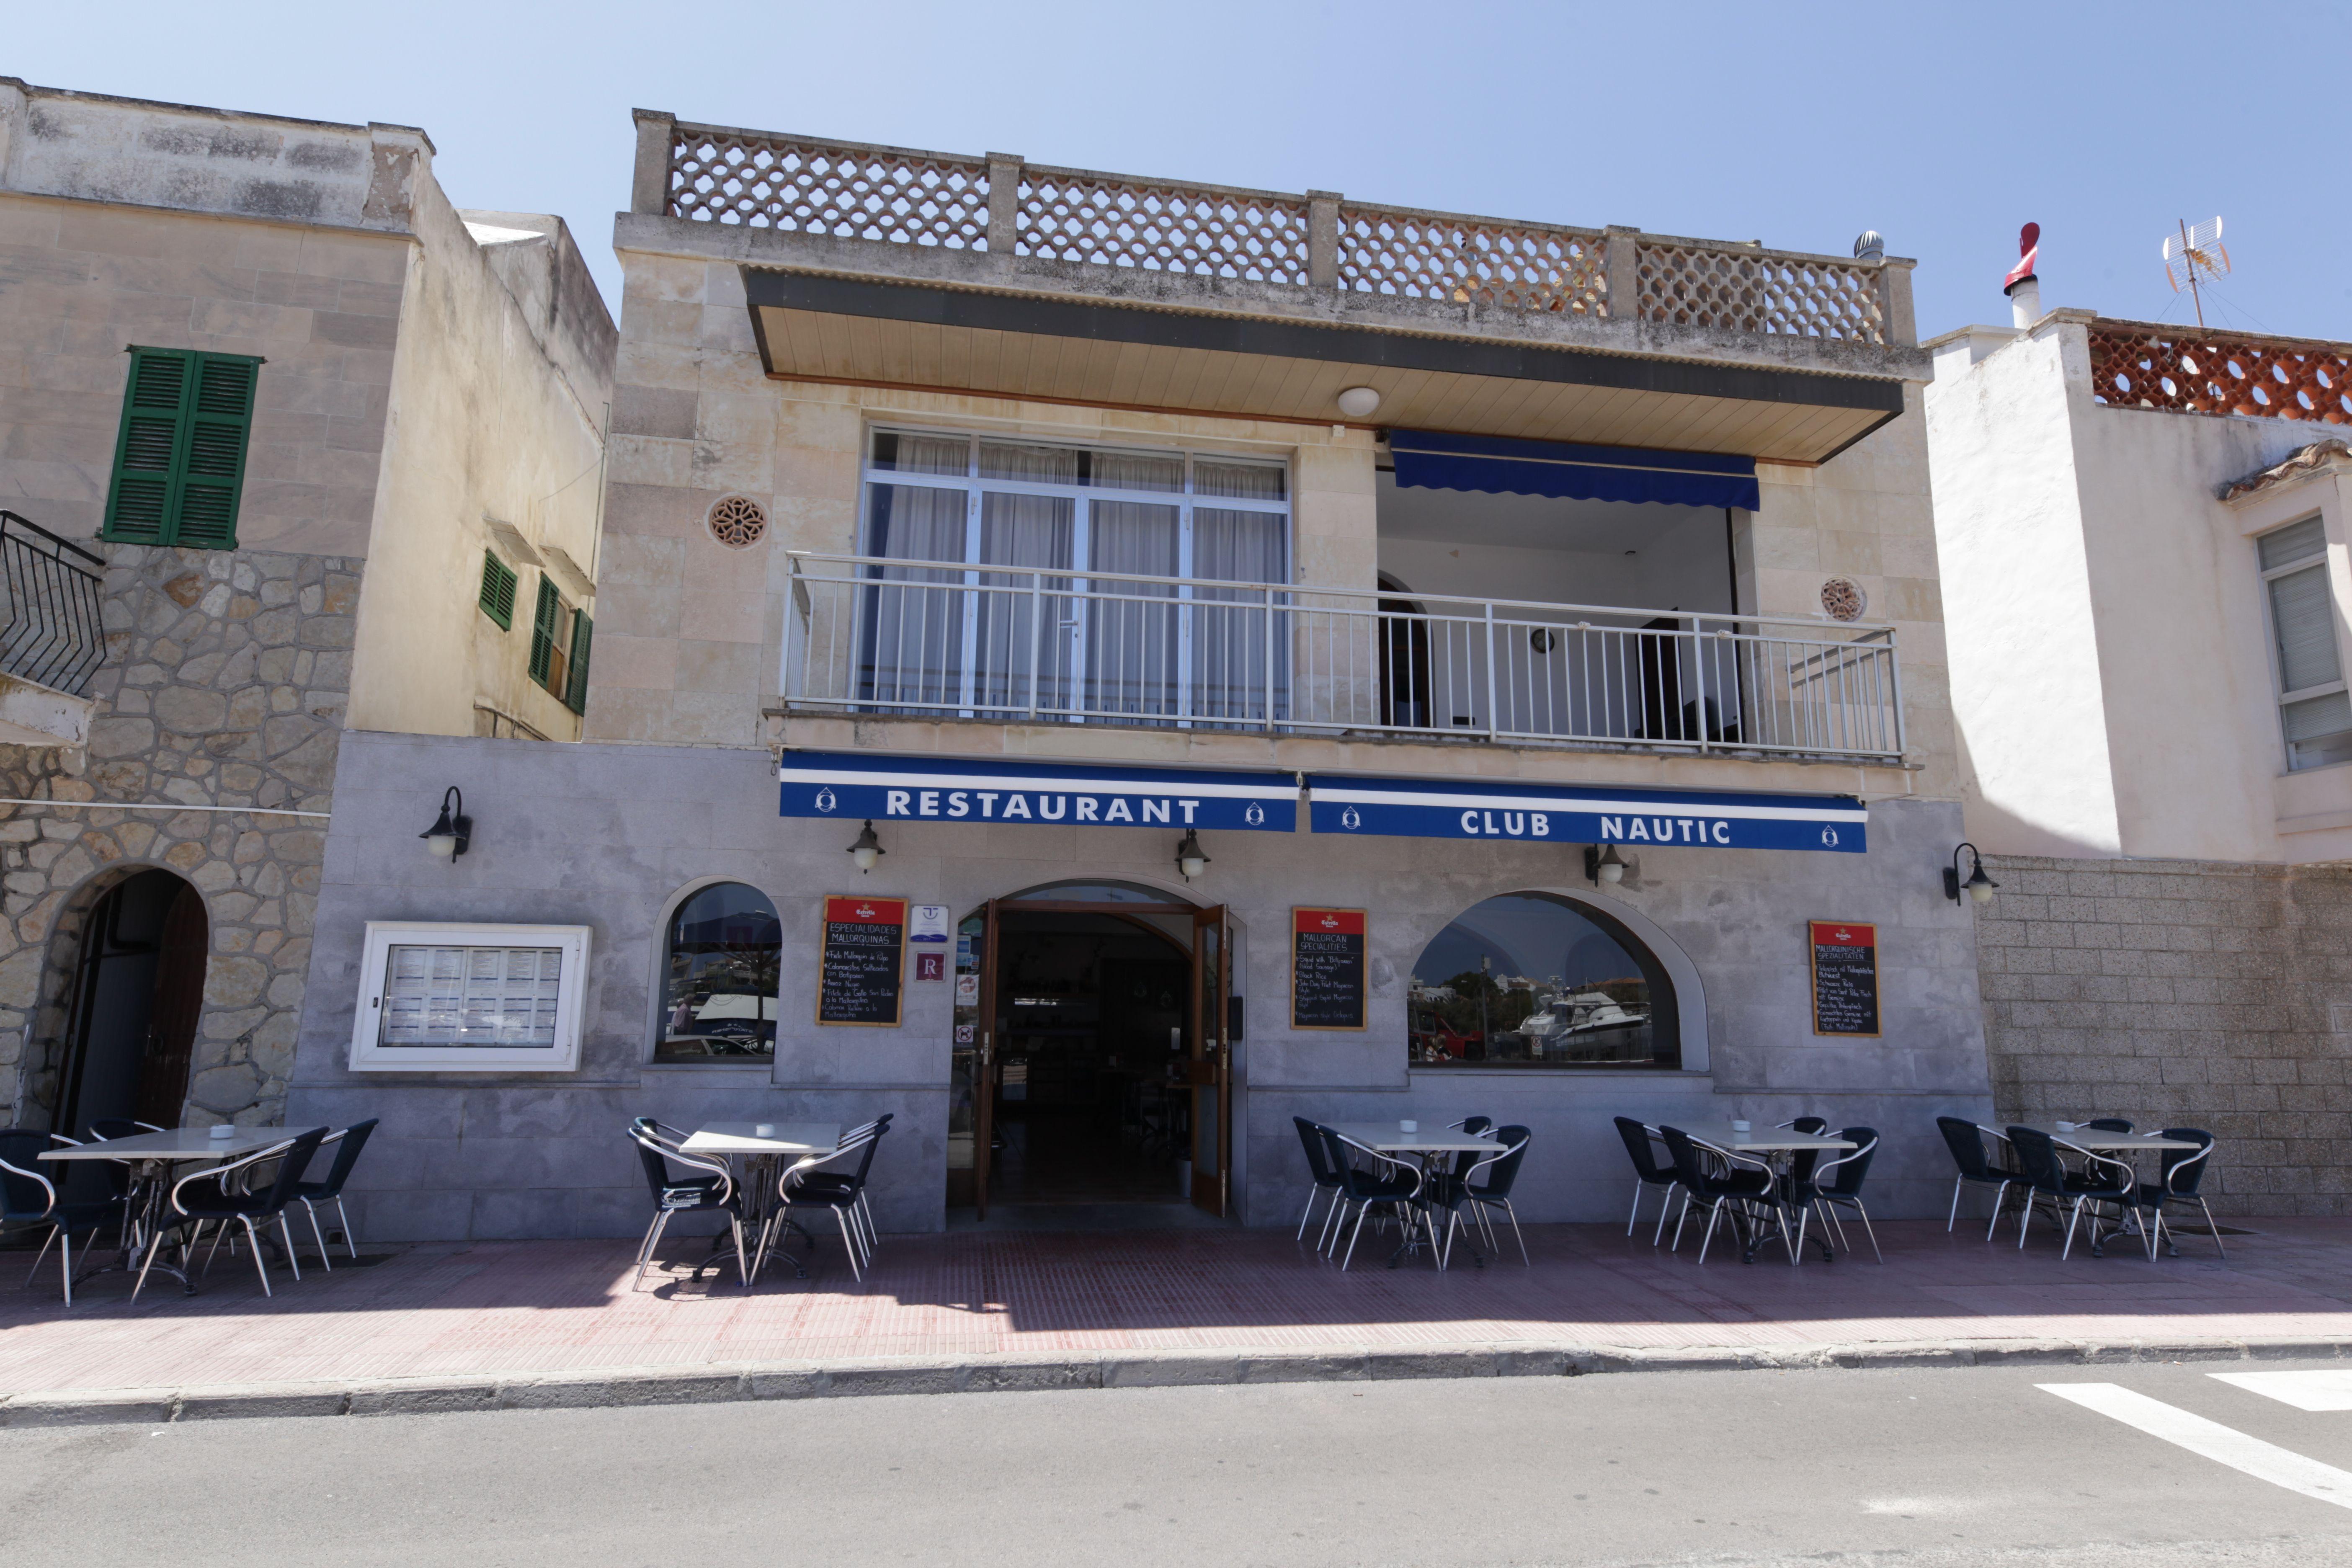 Reuniones en familia y amigos en Felanitx Mallorca